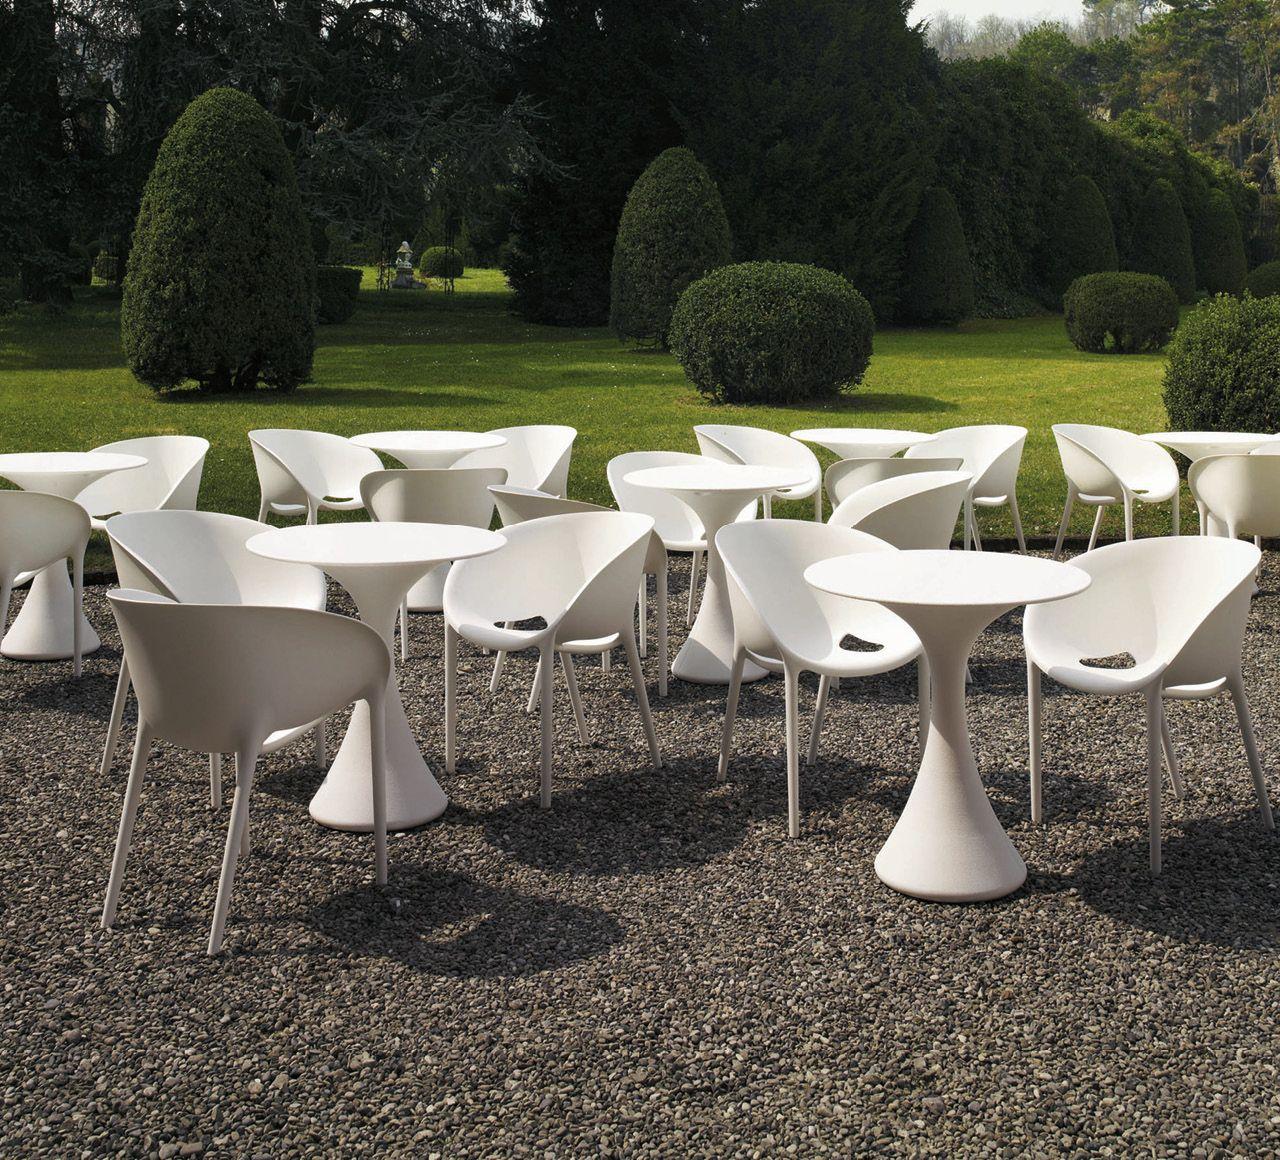 Sillas de dise o para el exterior blog de muebles y for Sillas exterior diseno